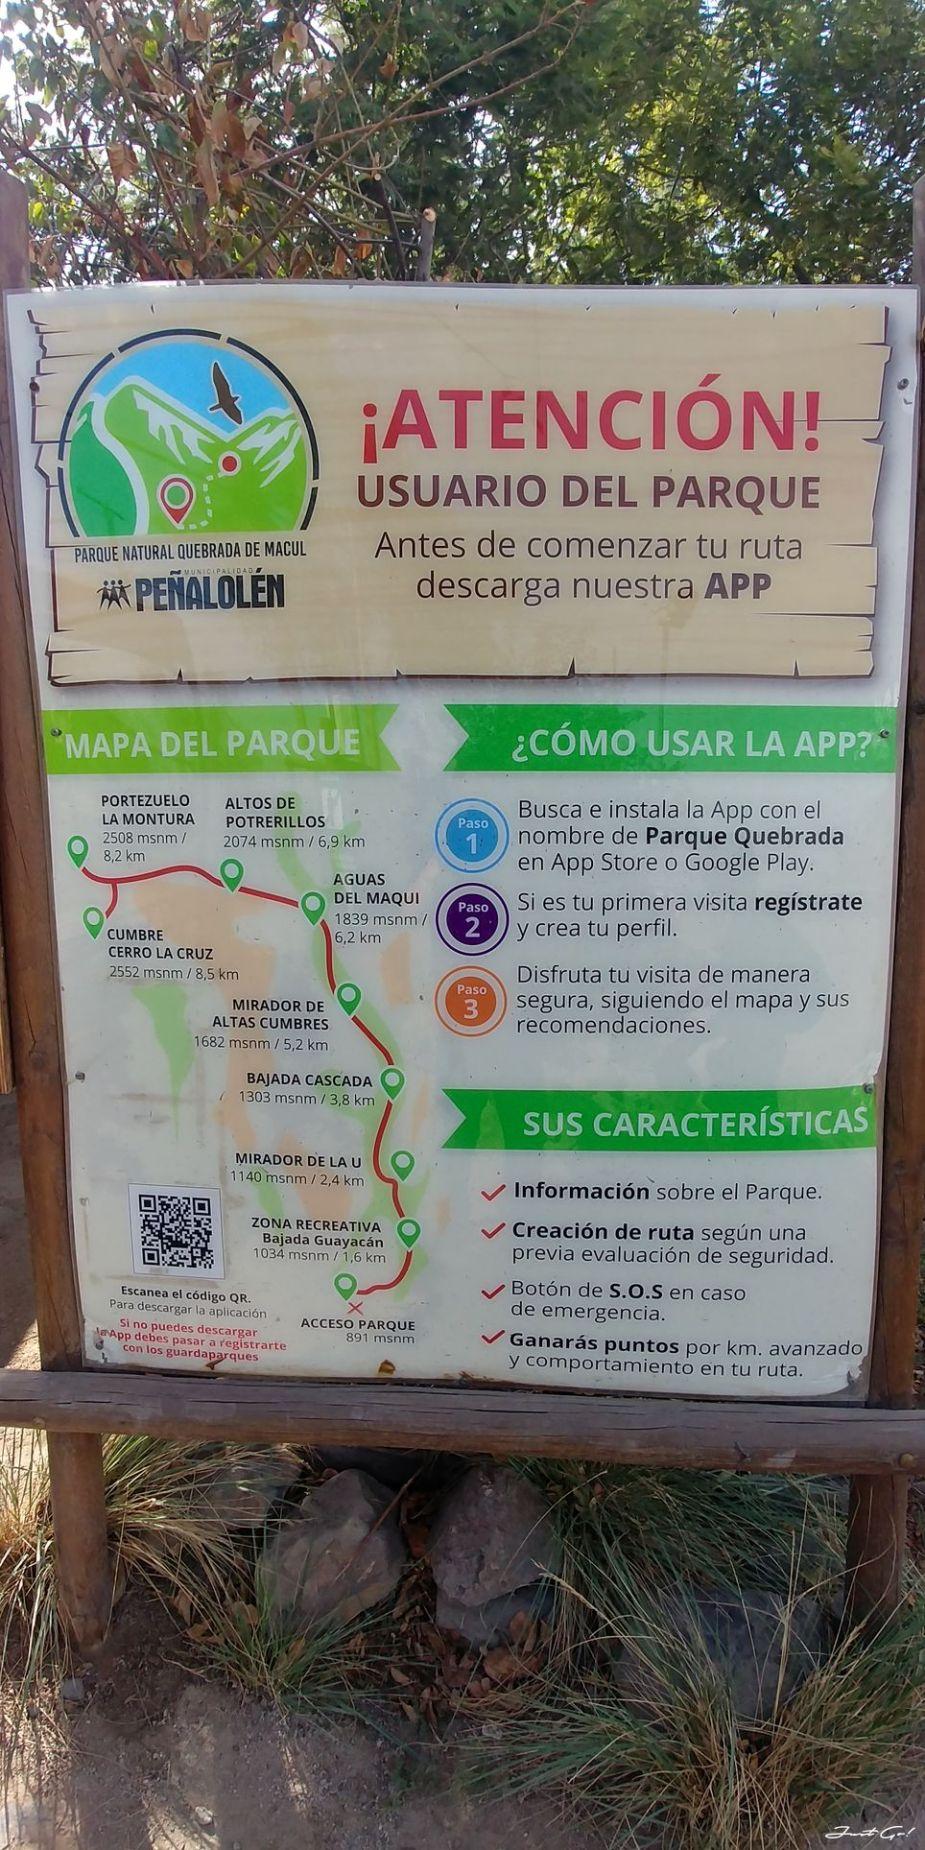 智利 - 聖地牙哥旅遊·自助探訪瀑布、俯瞰市景熱門登山健行路線04_